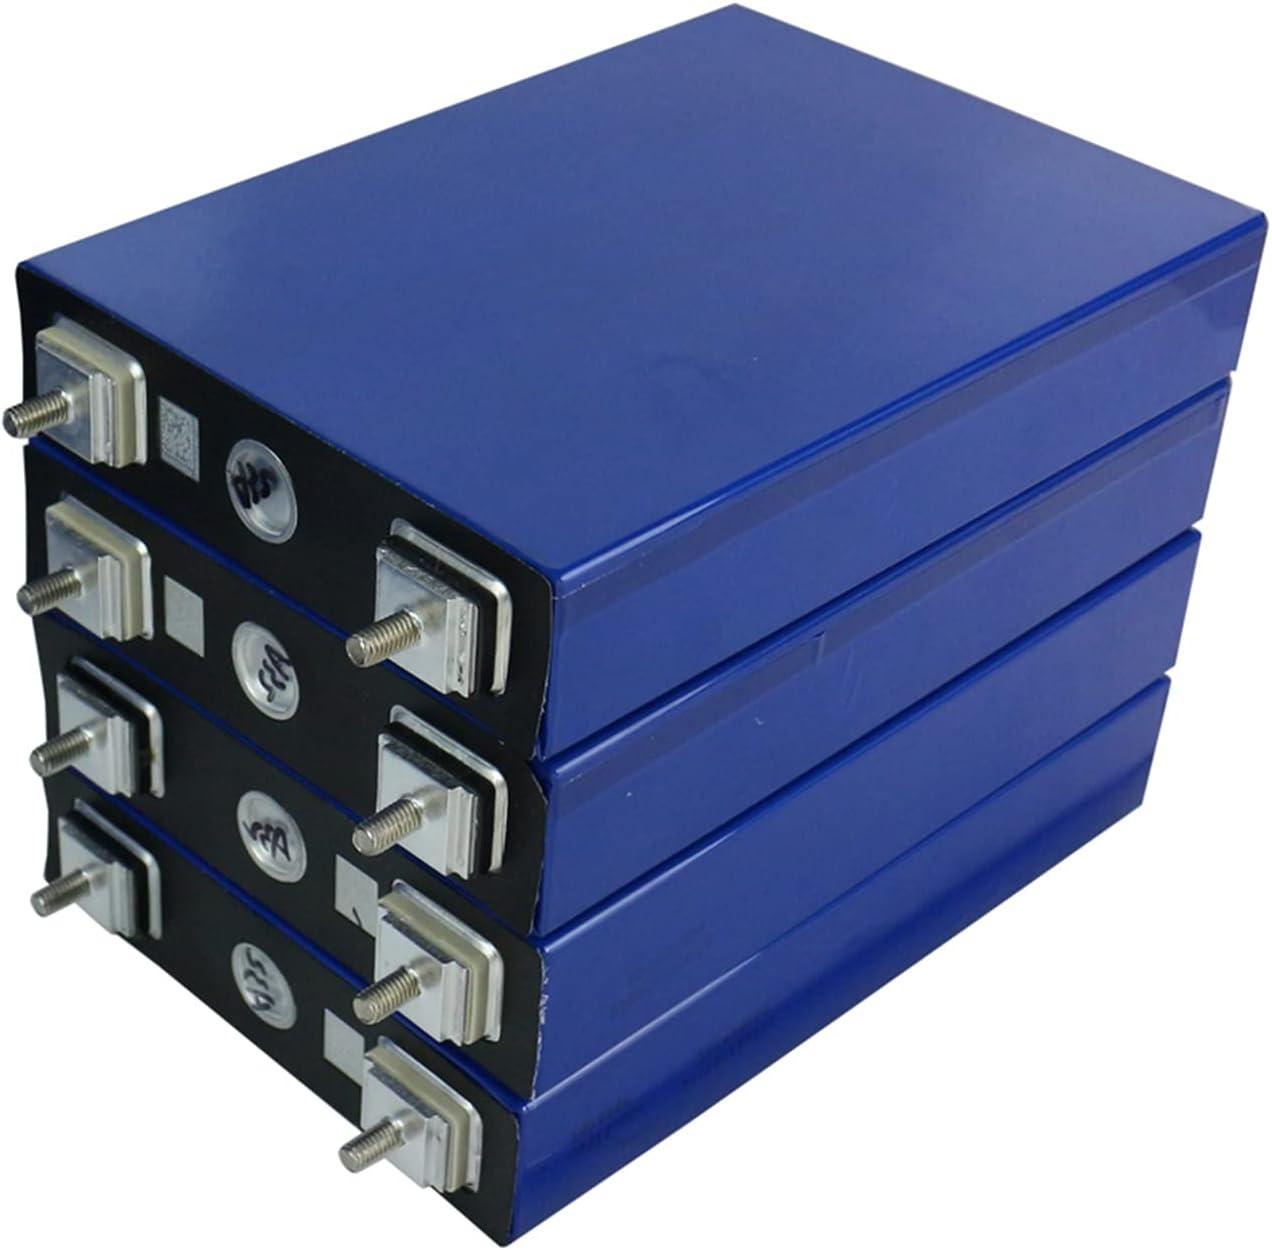 OANCO 4/8/16PCS 3.2V 100Ah Lifepo4 Batería Puede Formar 12V 24V 48V Batería De Litio-Hierro 100000mah Puede Hacer Baterías para Energía Solar,Barco,Batería De Automóvil (Color : 16PCS 48V 100AH)